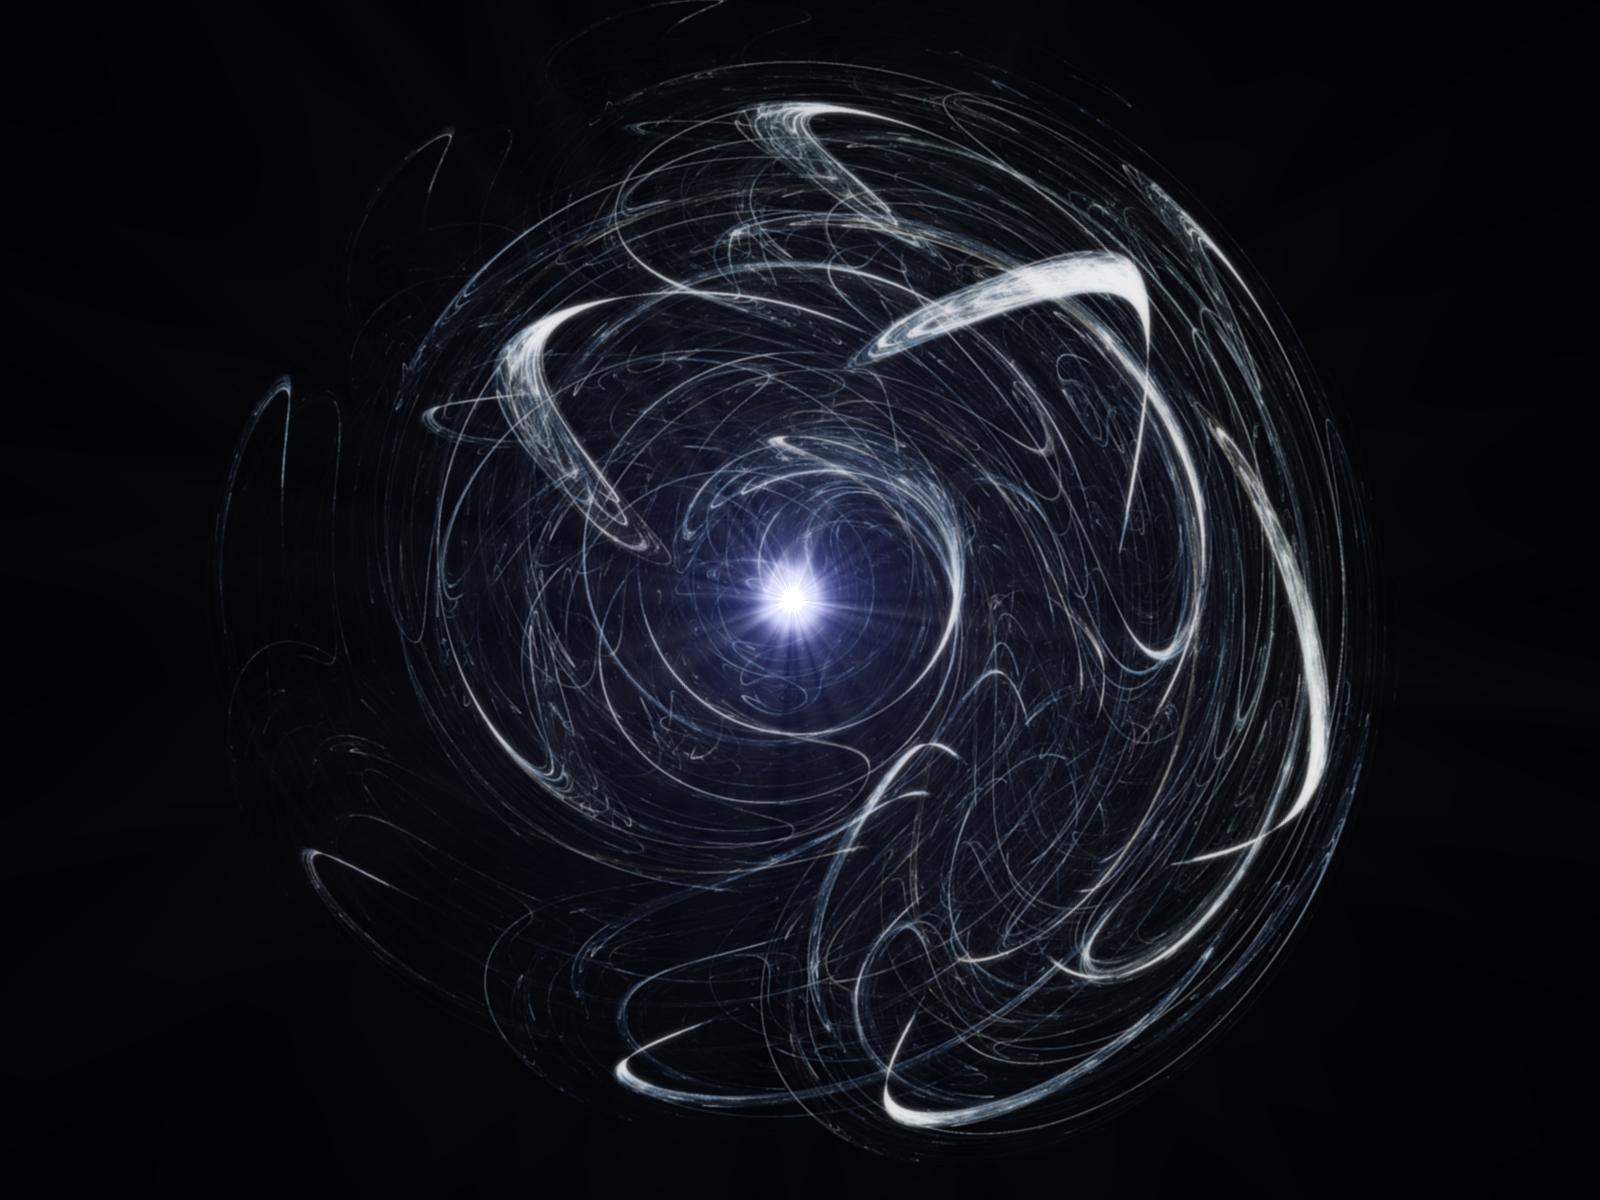 Supernova Fractal Wallpaper by jaime2psp 1600x1200